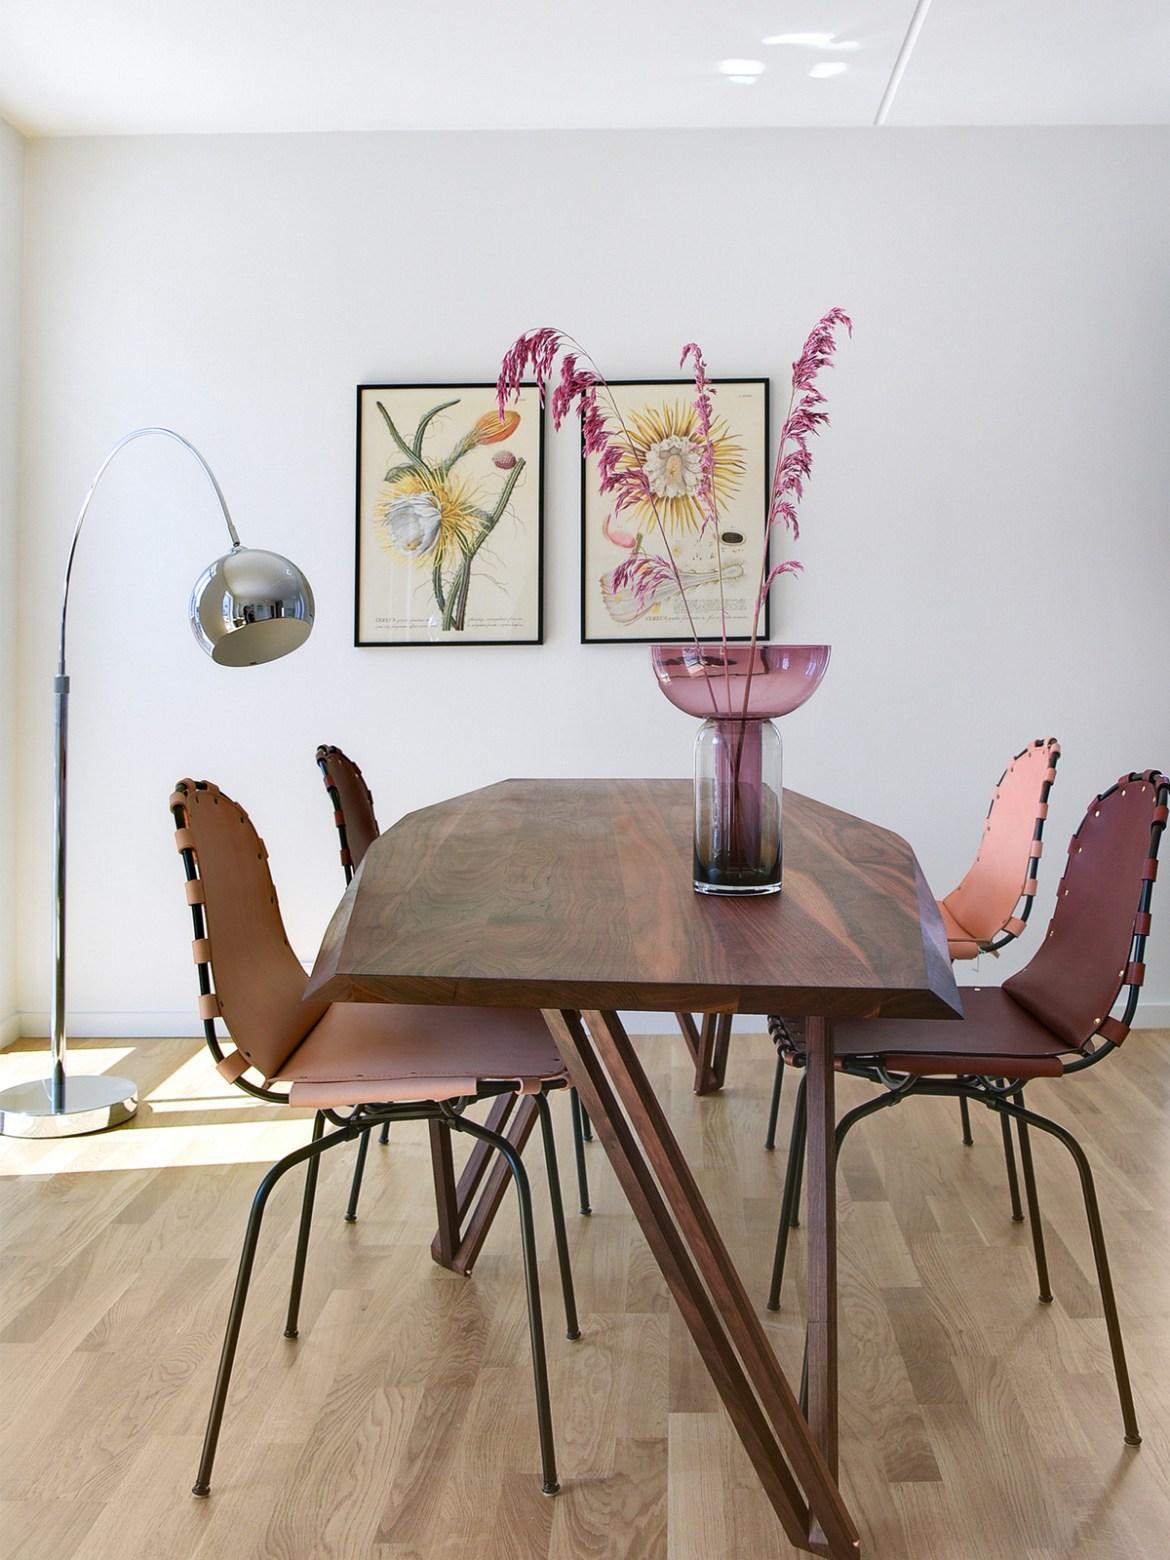 DesignOrt Blog: Bogenleuchten Lounge Mini Bogenleuchte Bogenlampe von Frandsen in Chrom